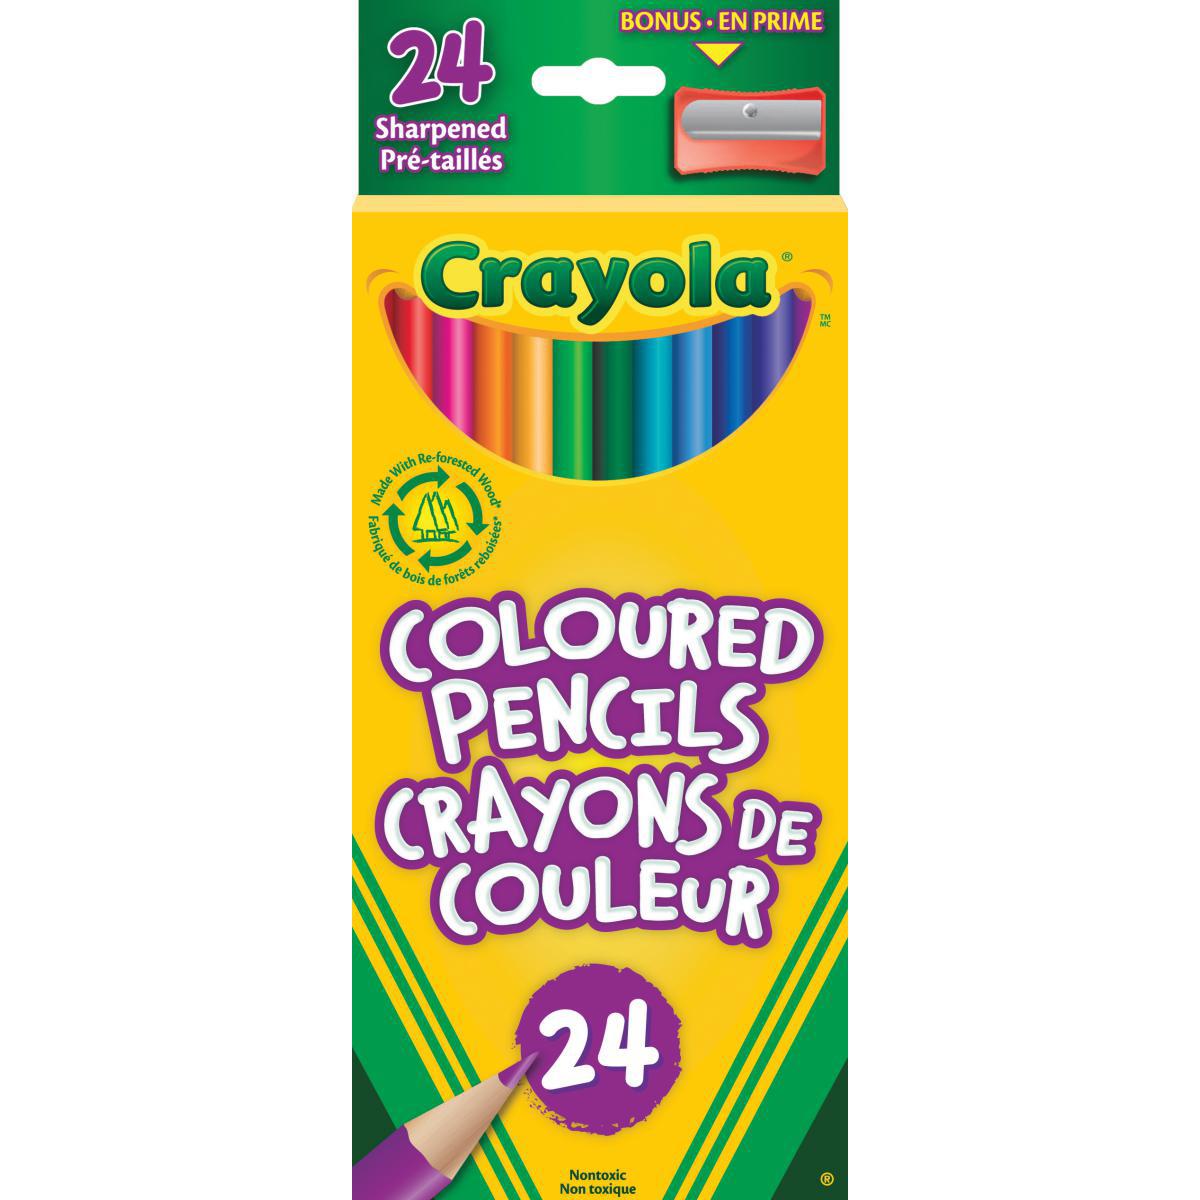 Crayons de couleur Crayola® (24)